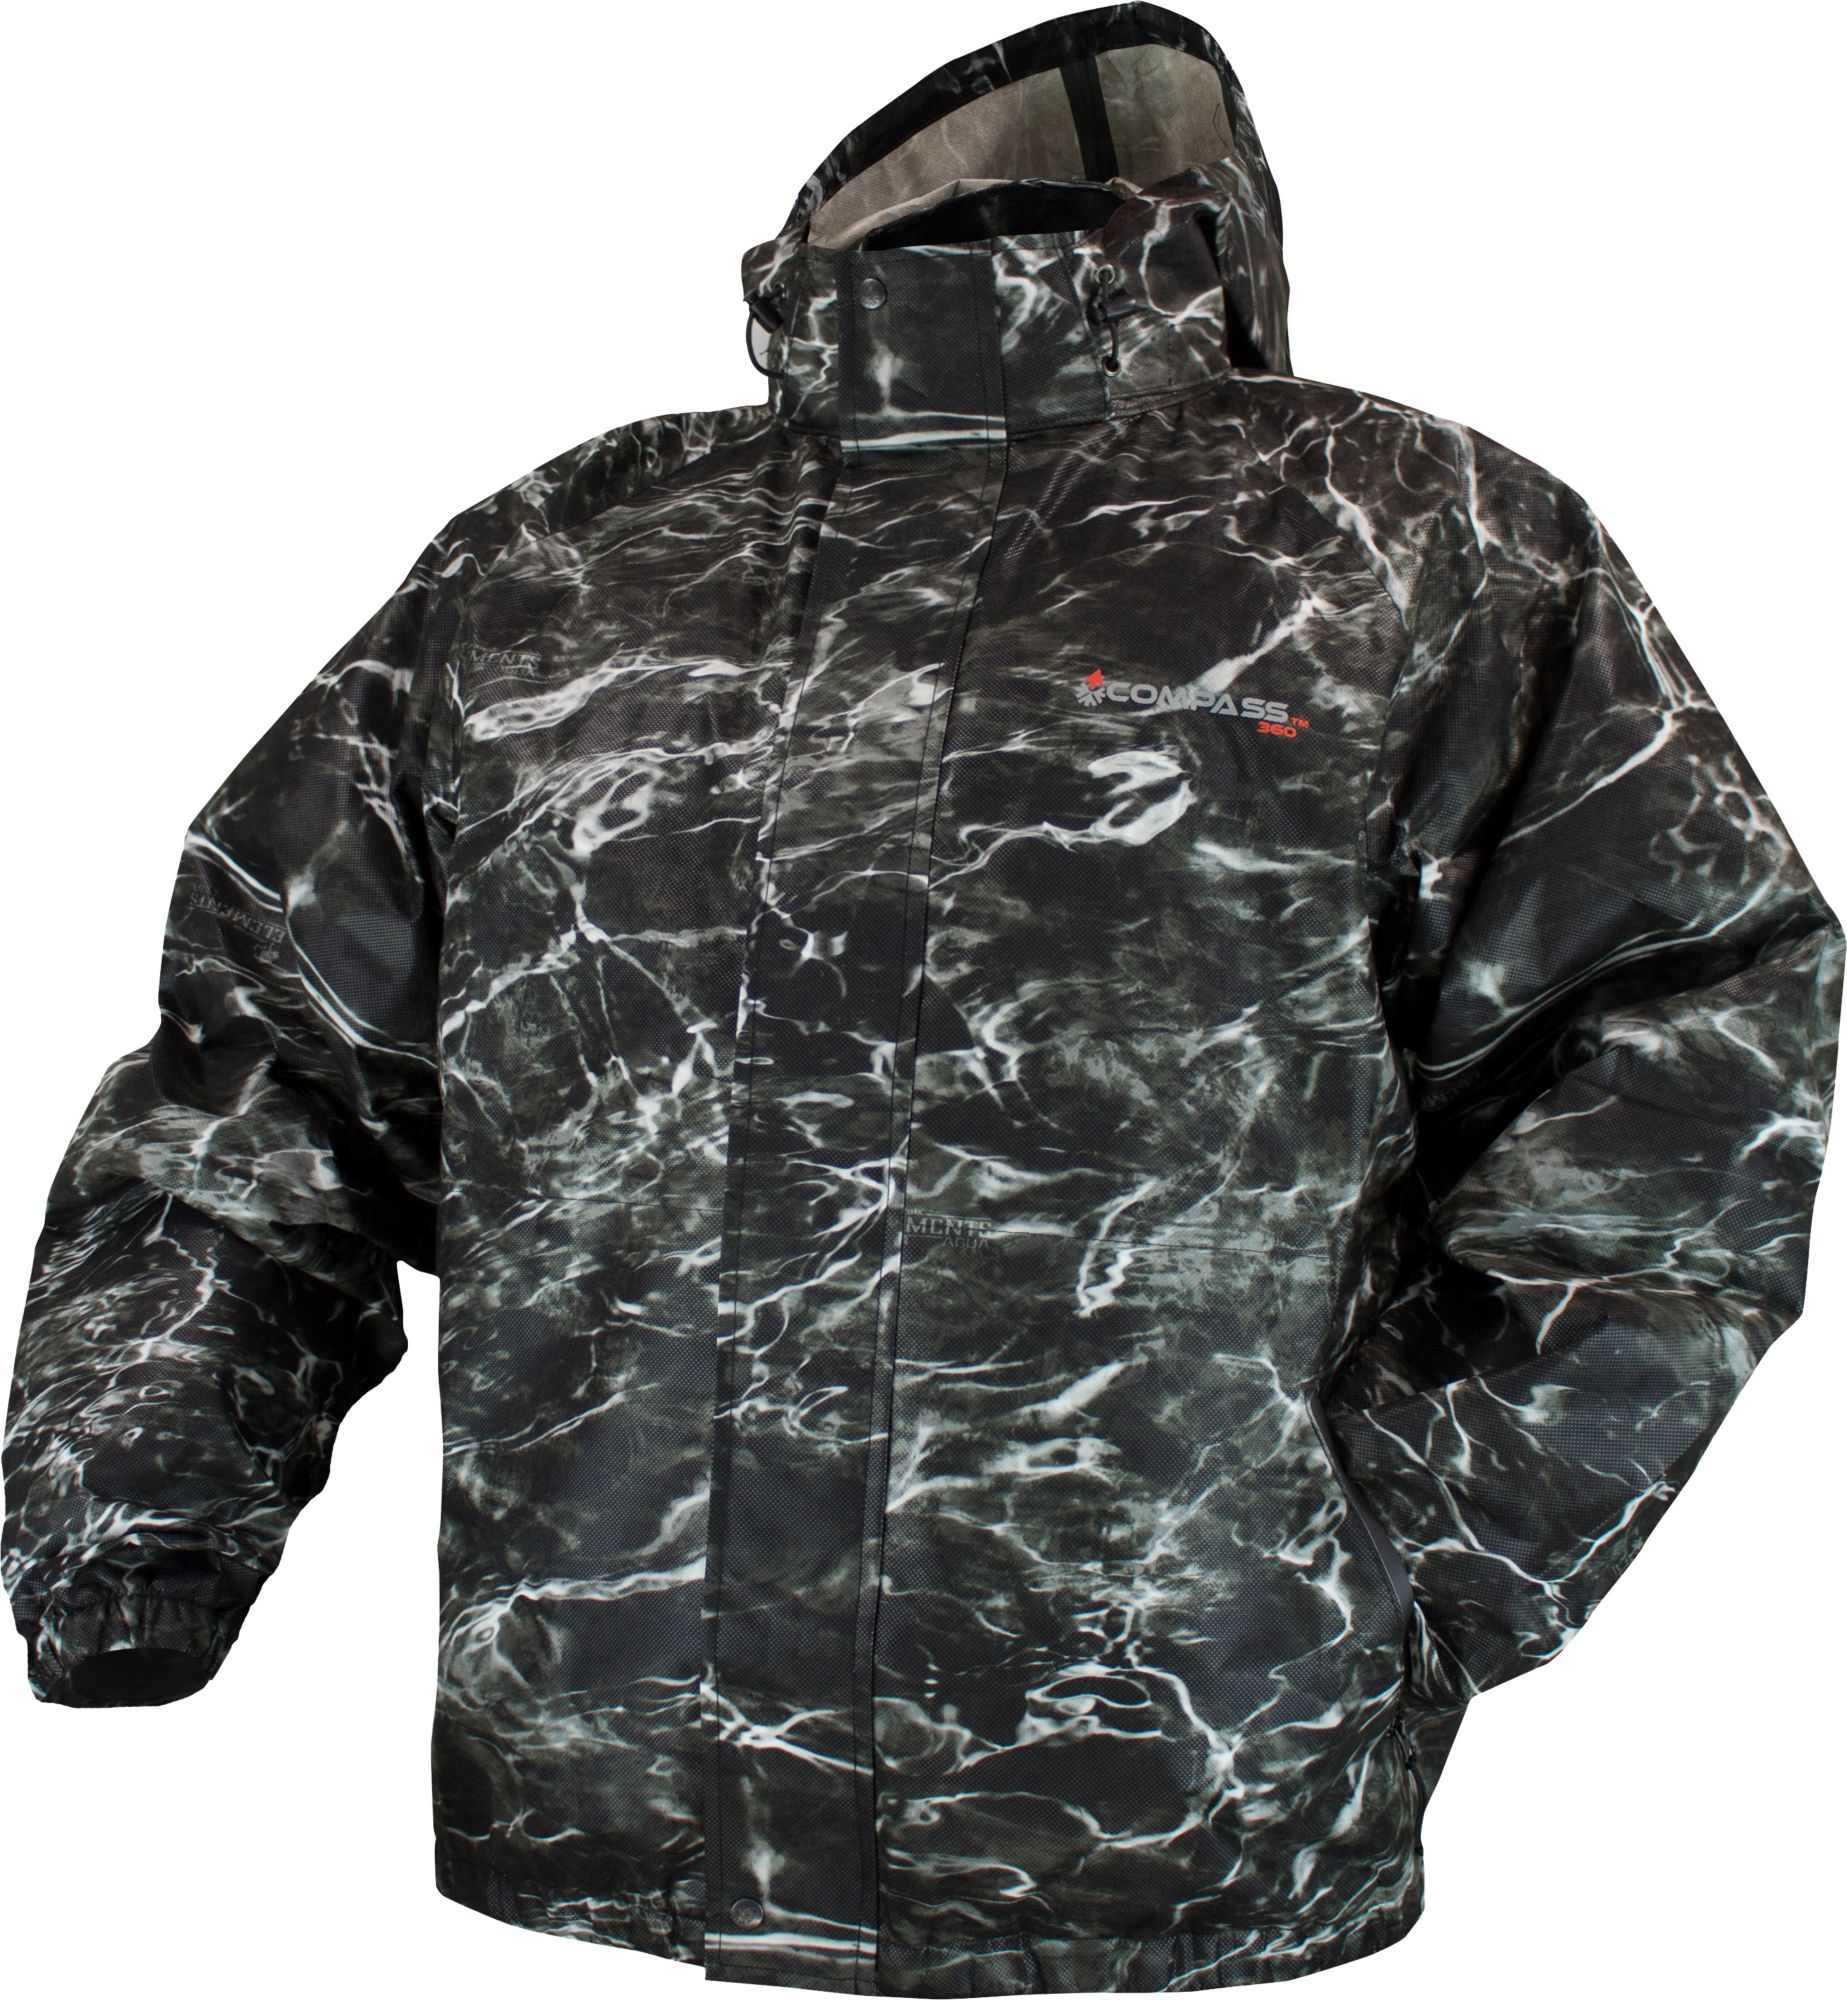 Compass 360 Men's AdvantageTek Jacket, Medium, Black